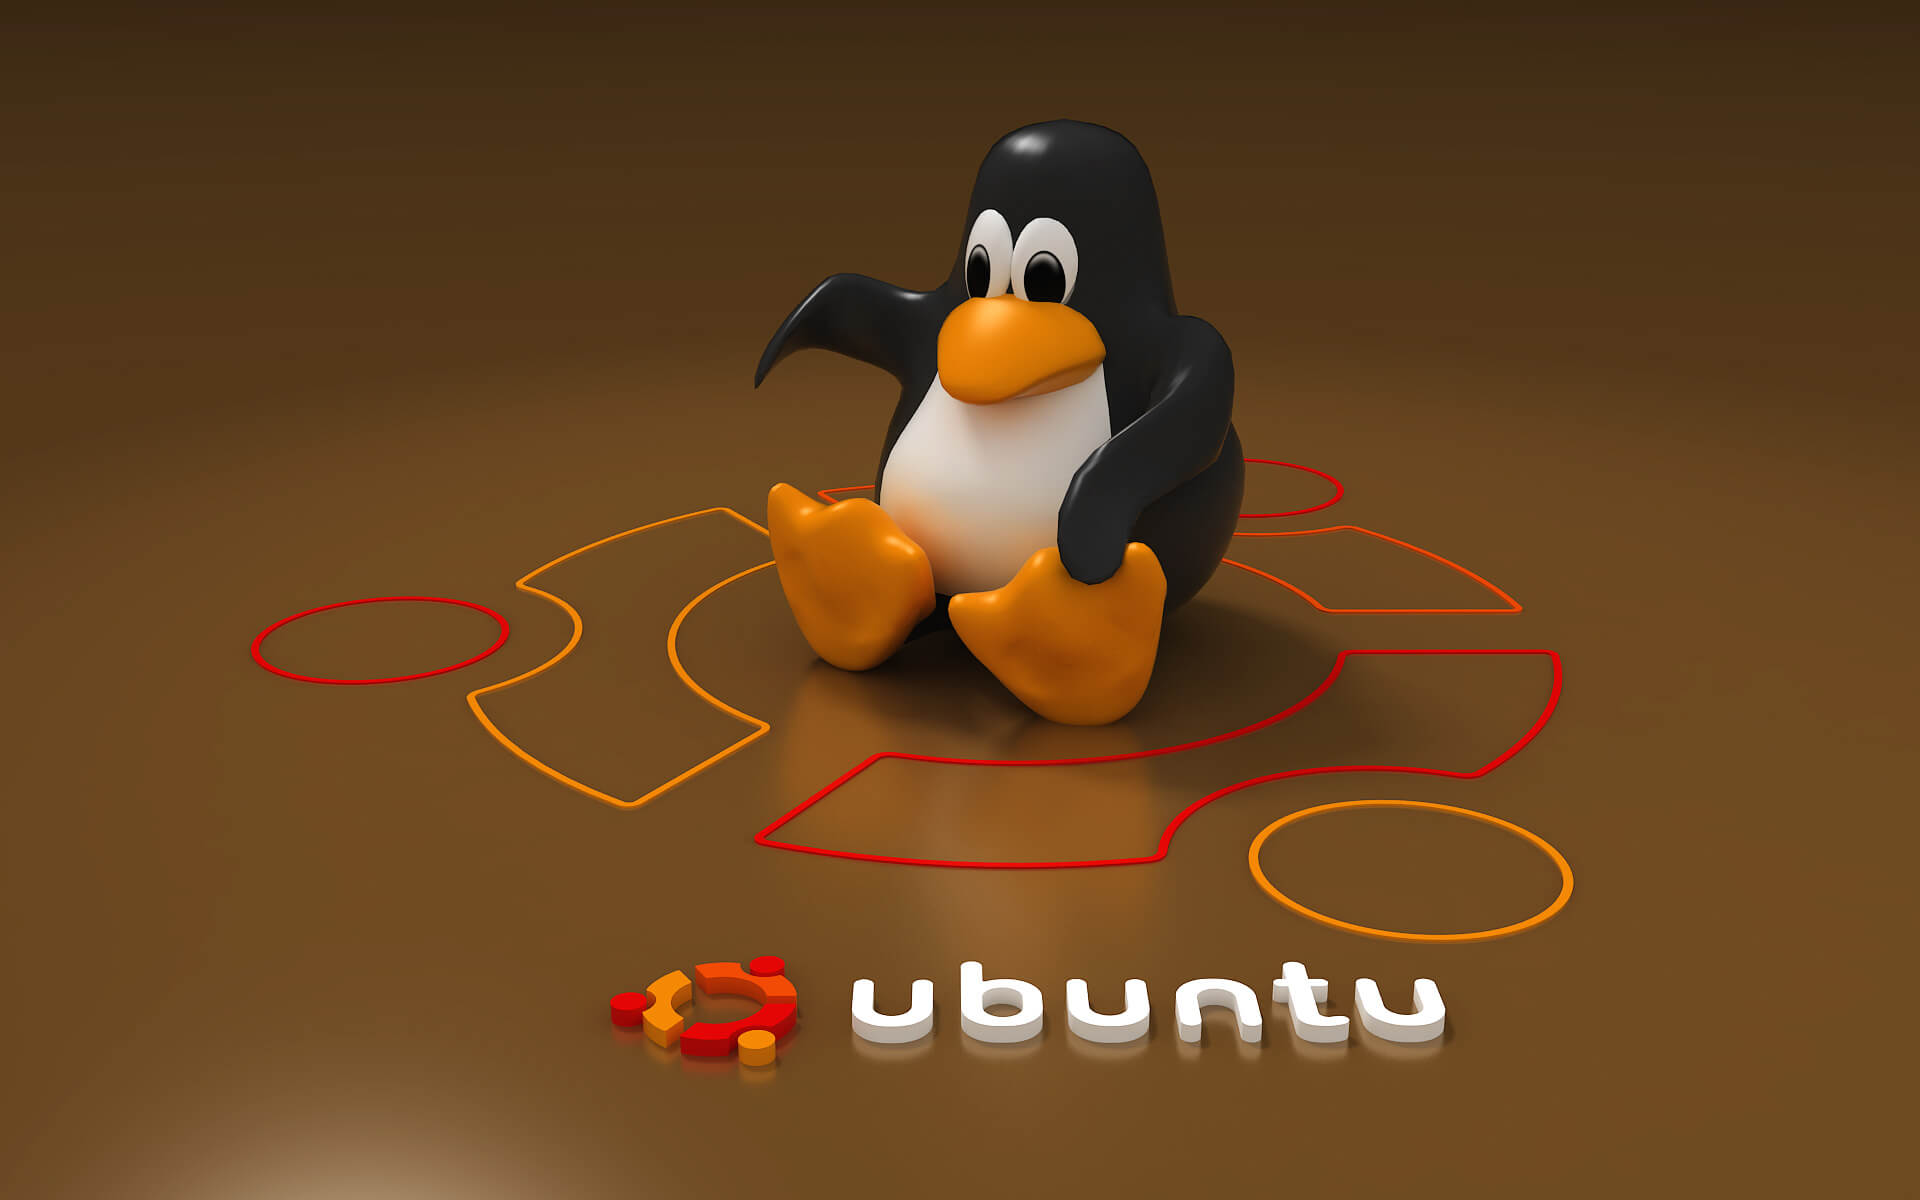 Ubuntu dosya hatası .deb Uzantı Ubuntu ''.deb'' Uzantılı Dosyalar Yükleme Sorunu ubuntu dosya hatasi